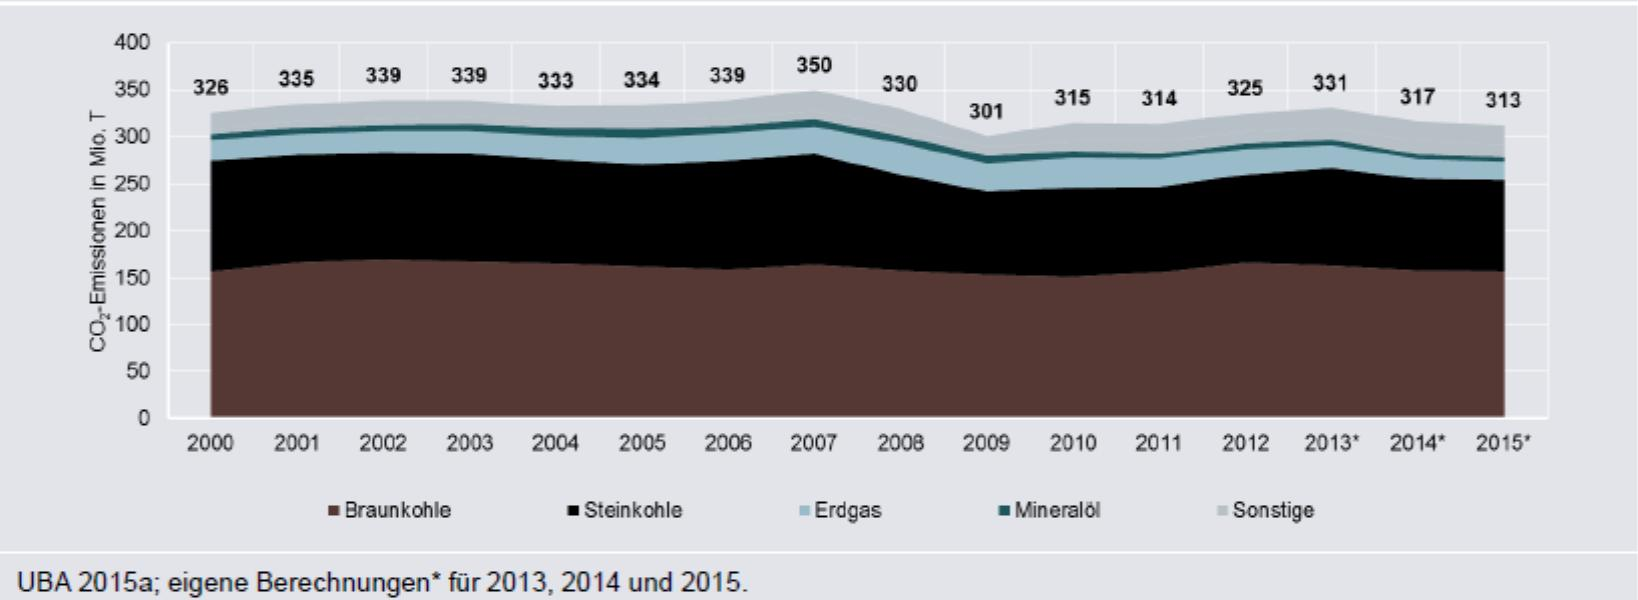 Průběh Energiewende z hlediska emisí oxidu uhličitého v sektoru výroby elektřiny. Zde je vidět, že během patnácti let jejího průběhu zůstaly emise stejné v mezích fluktuací daných průběhem zimy a ekonomického cyklu. Pro srovnán